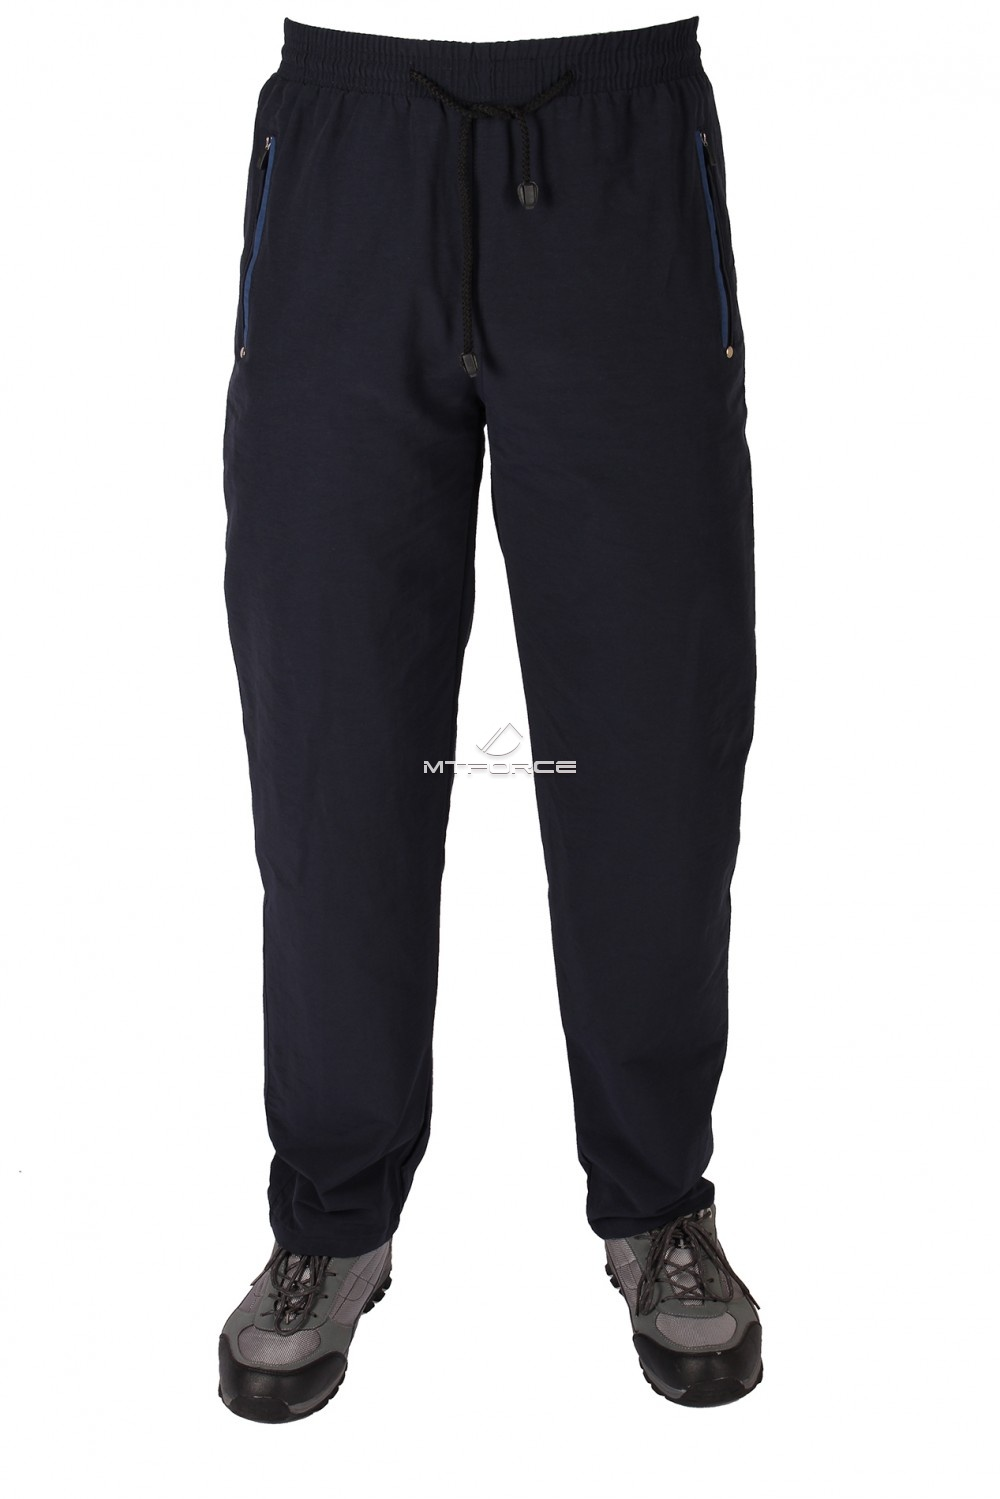 Купить                                  оптом Брюки мужские плащевые темно-синего цвета 8210TS